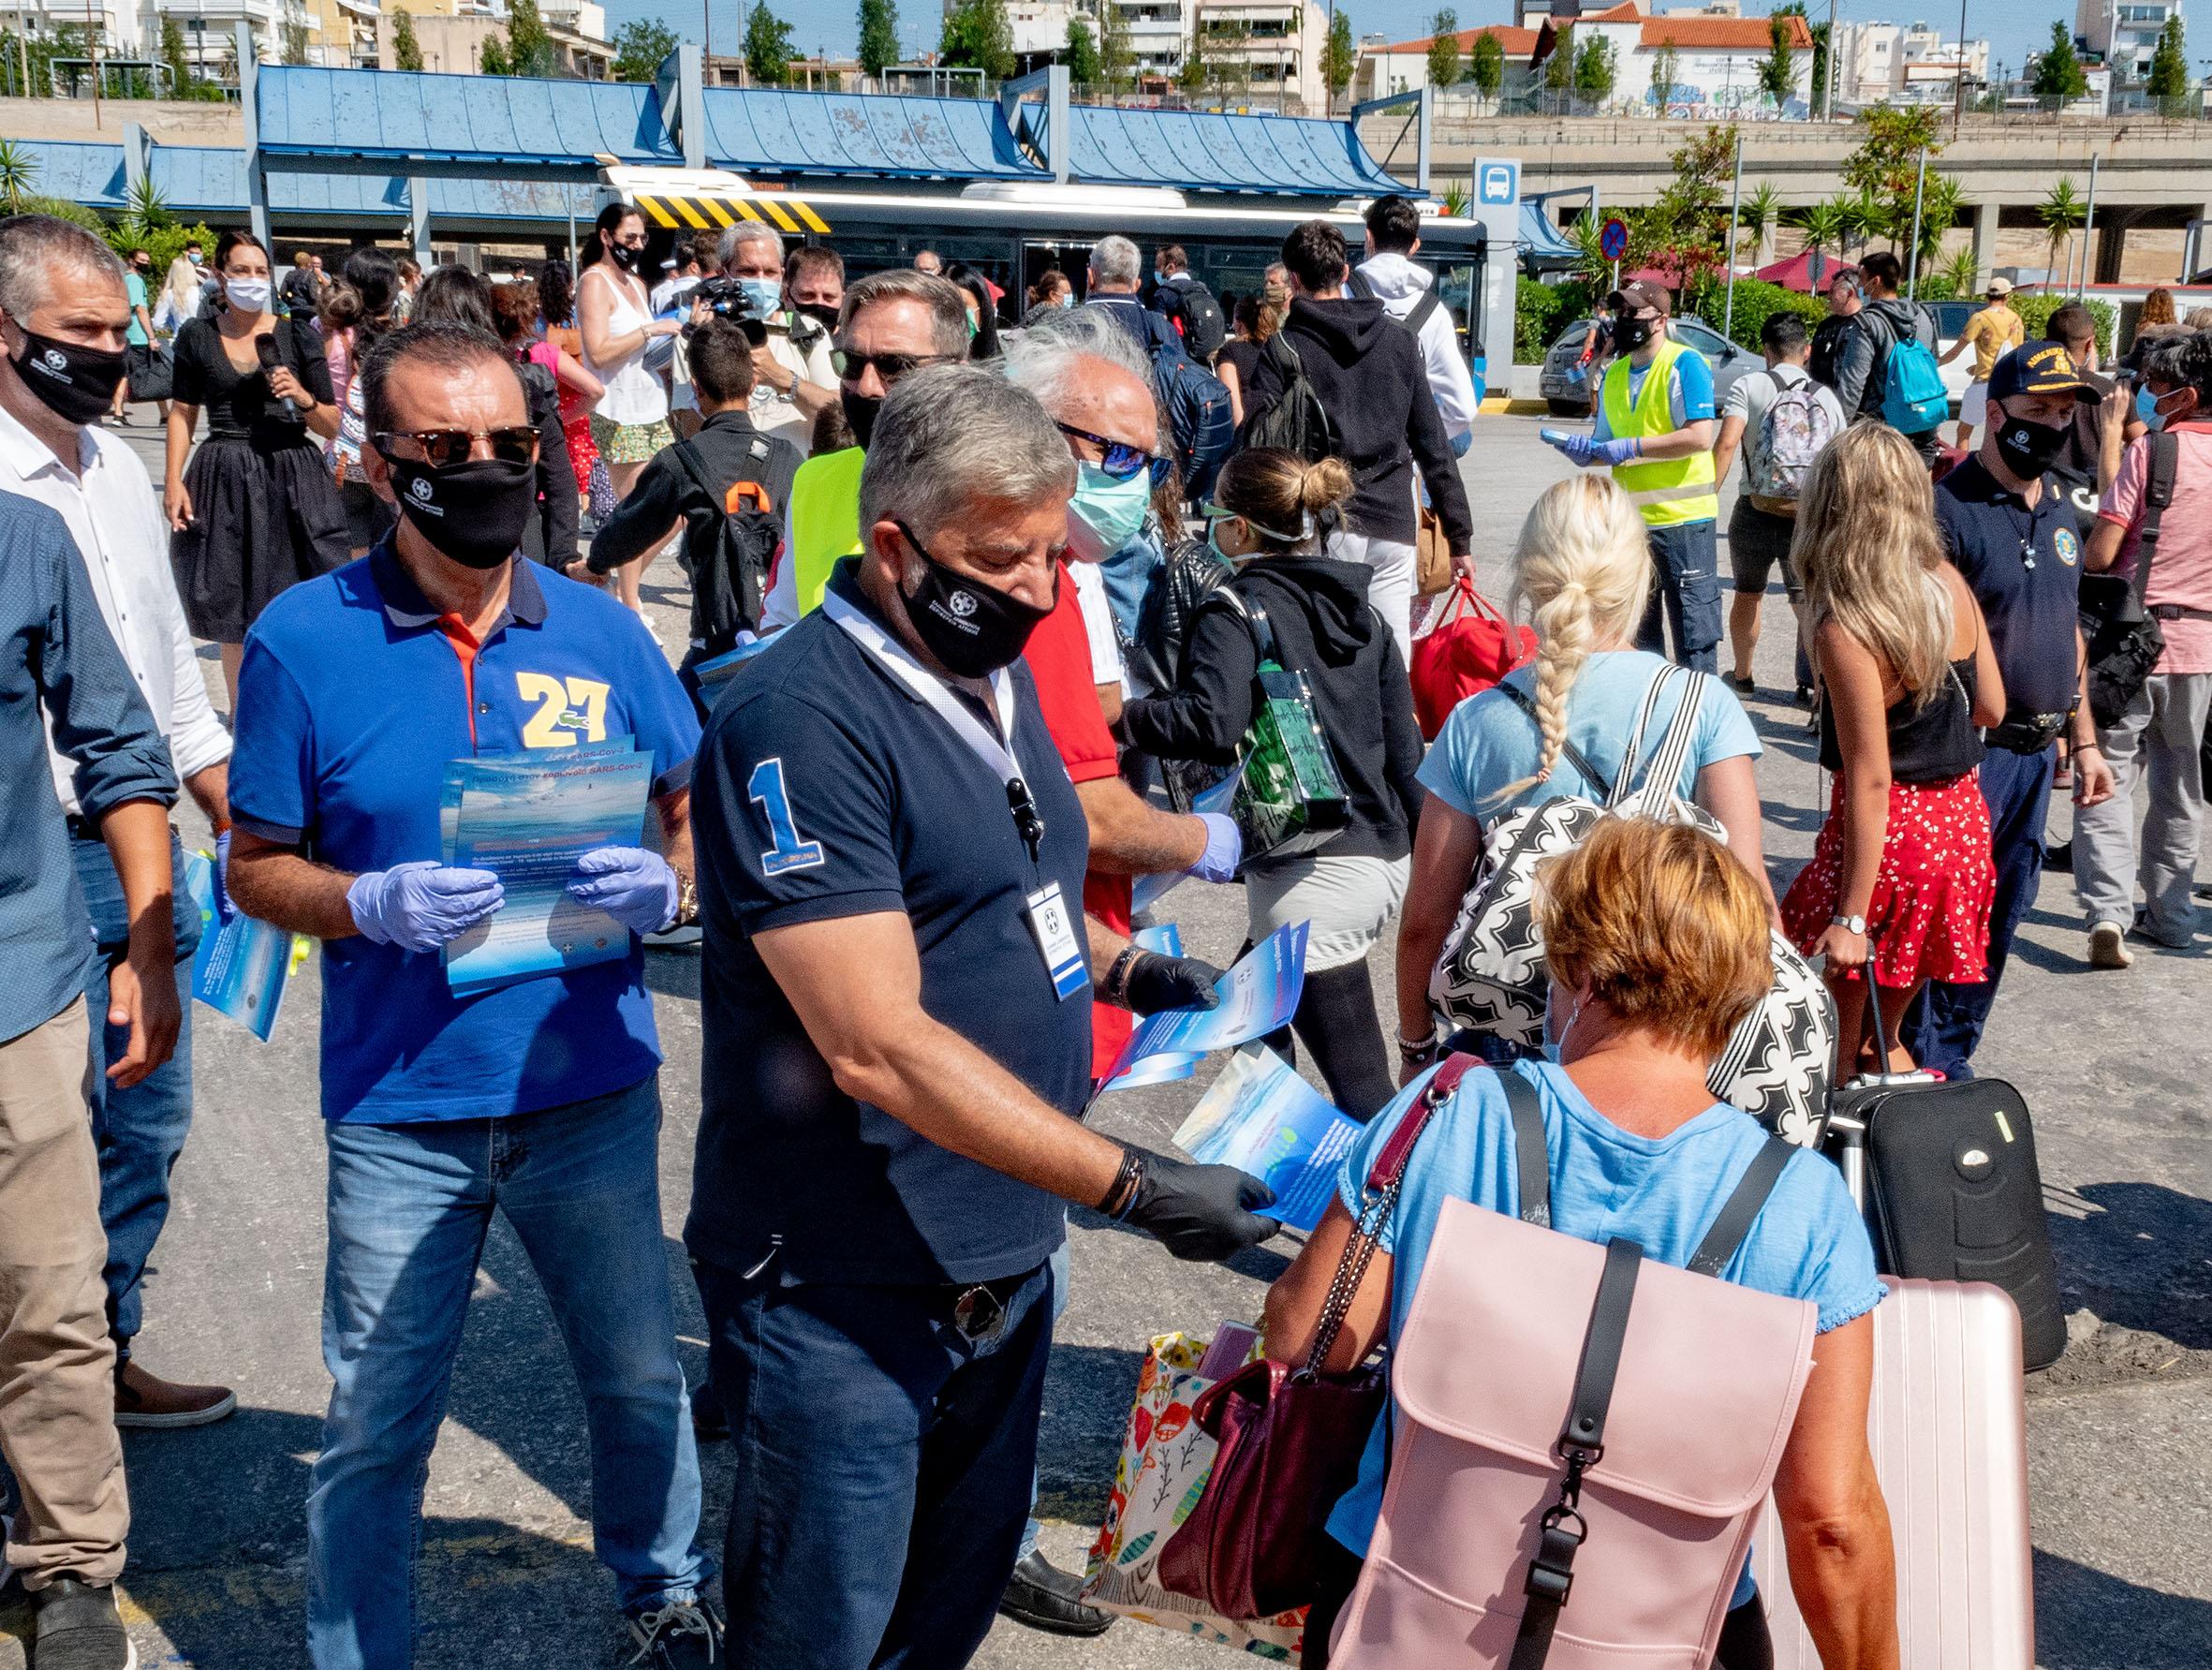 Κορονοϊός: Πάνω από 300 ταξιδιώτες ελέγχθηκαν επιστρέφοντας στα λιμάνια του Πειραιά και της Ραφήνας